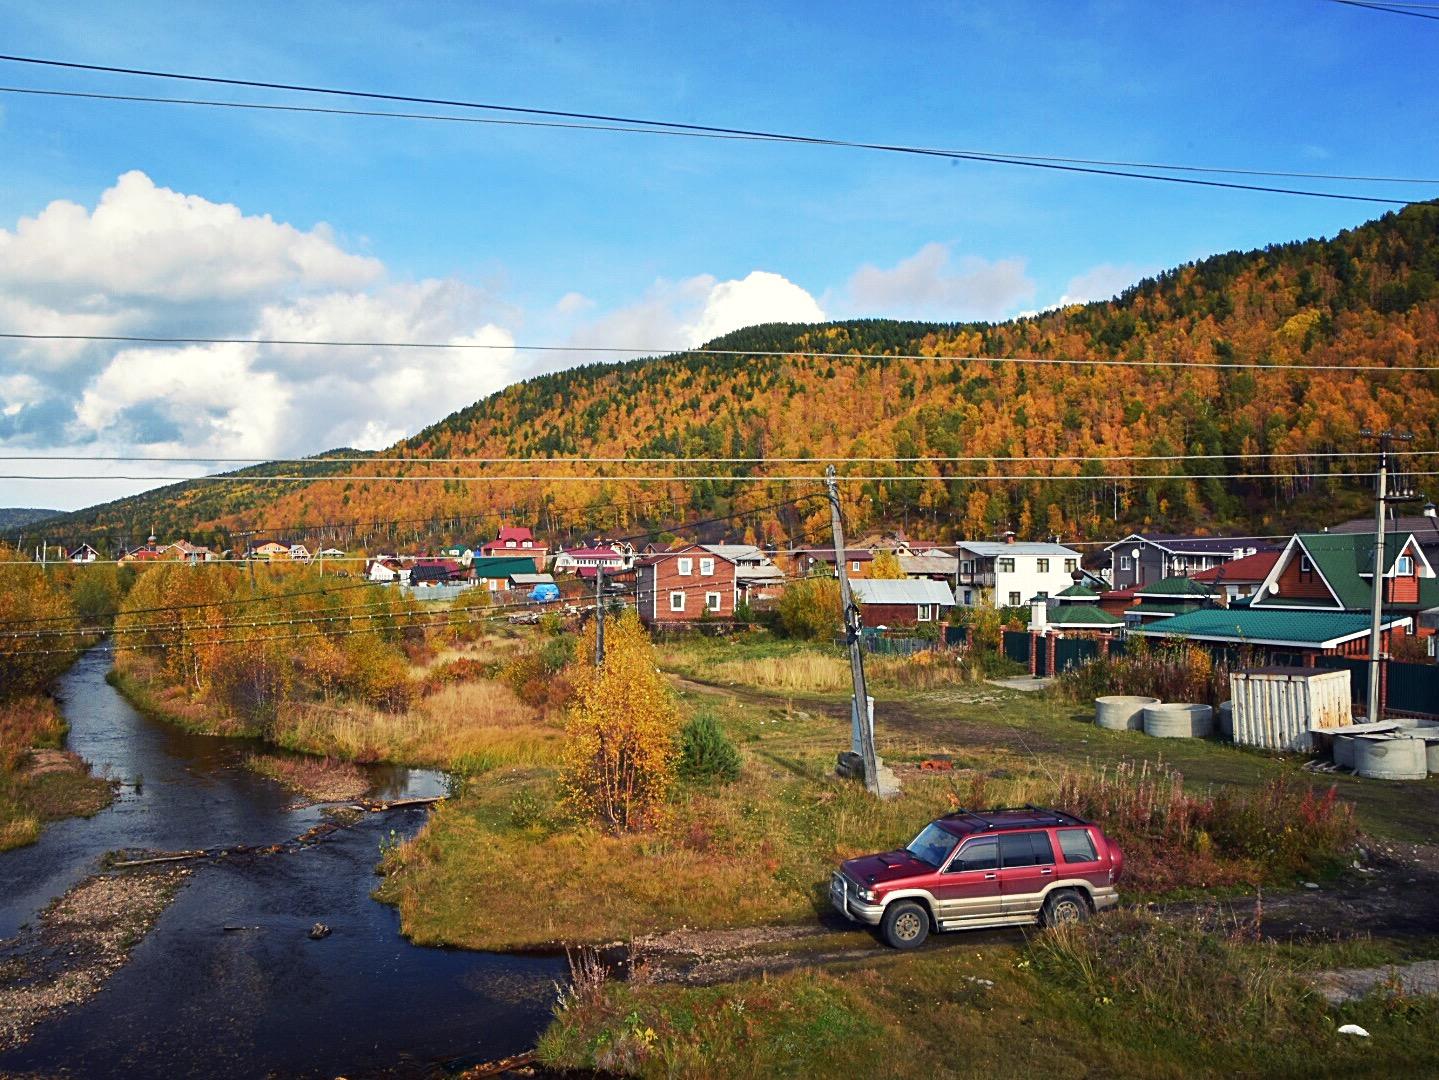 Tolle Landschaft und tolle Farben